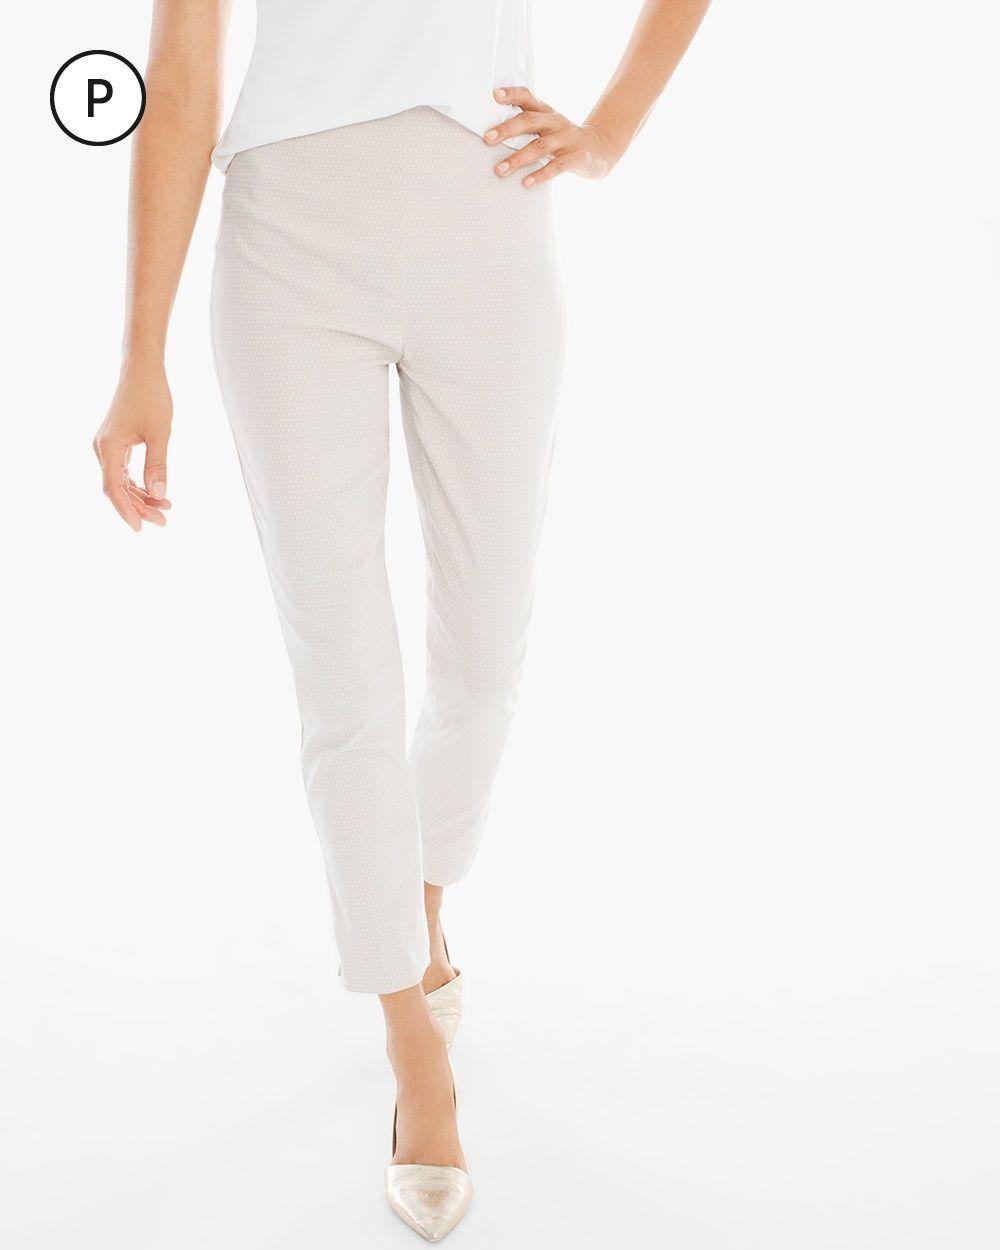 Chico's Women's So Slimming Petite Brigitte Dot Print Ankle Pants, Cement, Size: 3.5P (18P - XL)